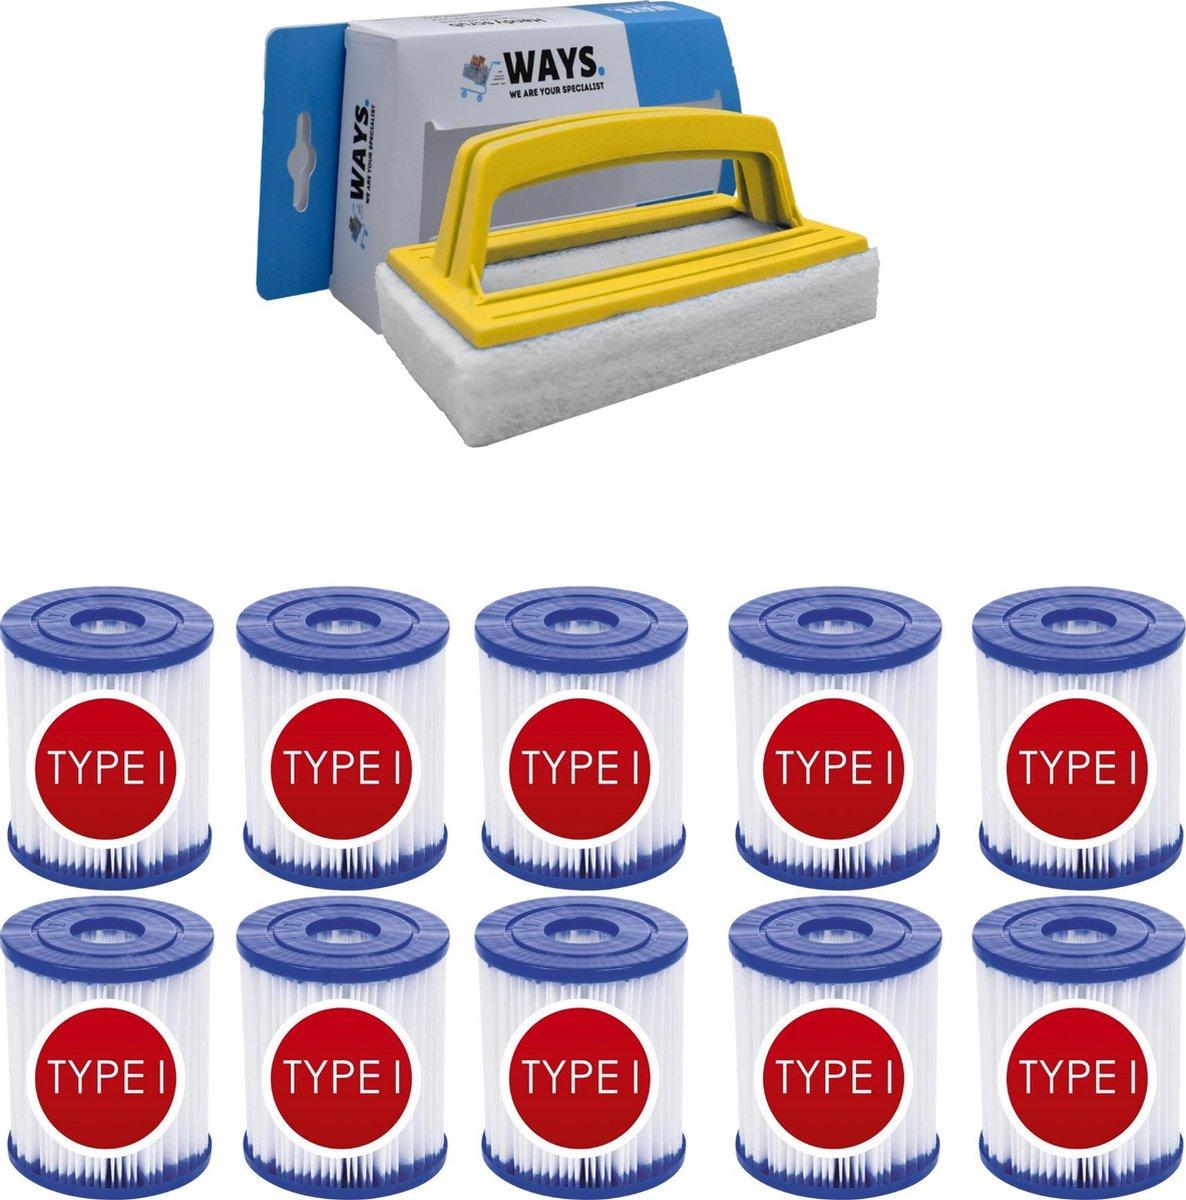 Bestway - Type I filters geschikt voor filterpomp 58381 - 10 stuks & WAYS scrubborstel